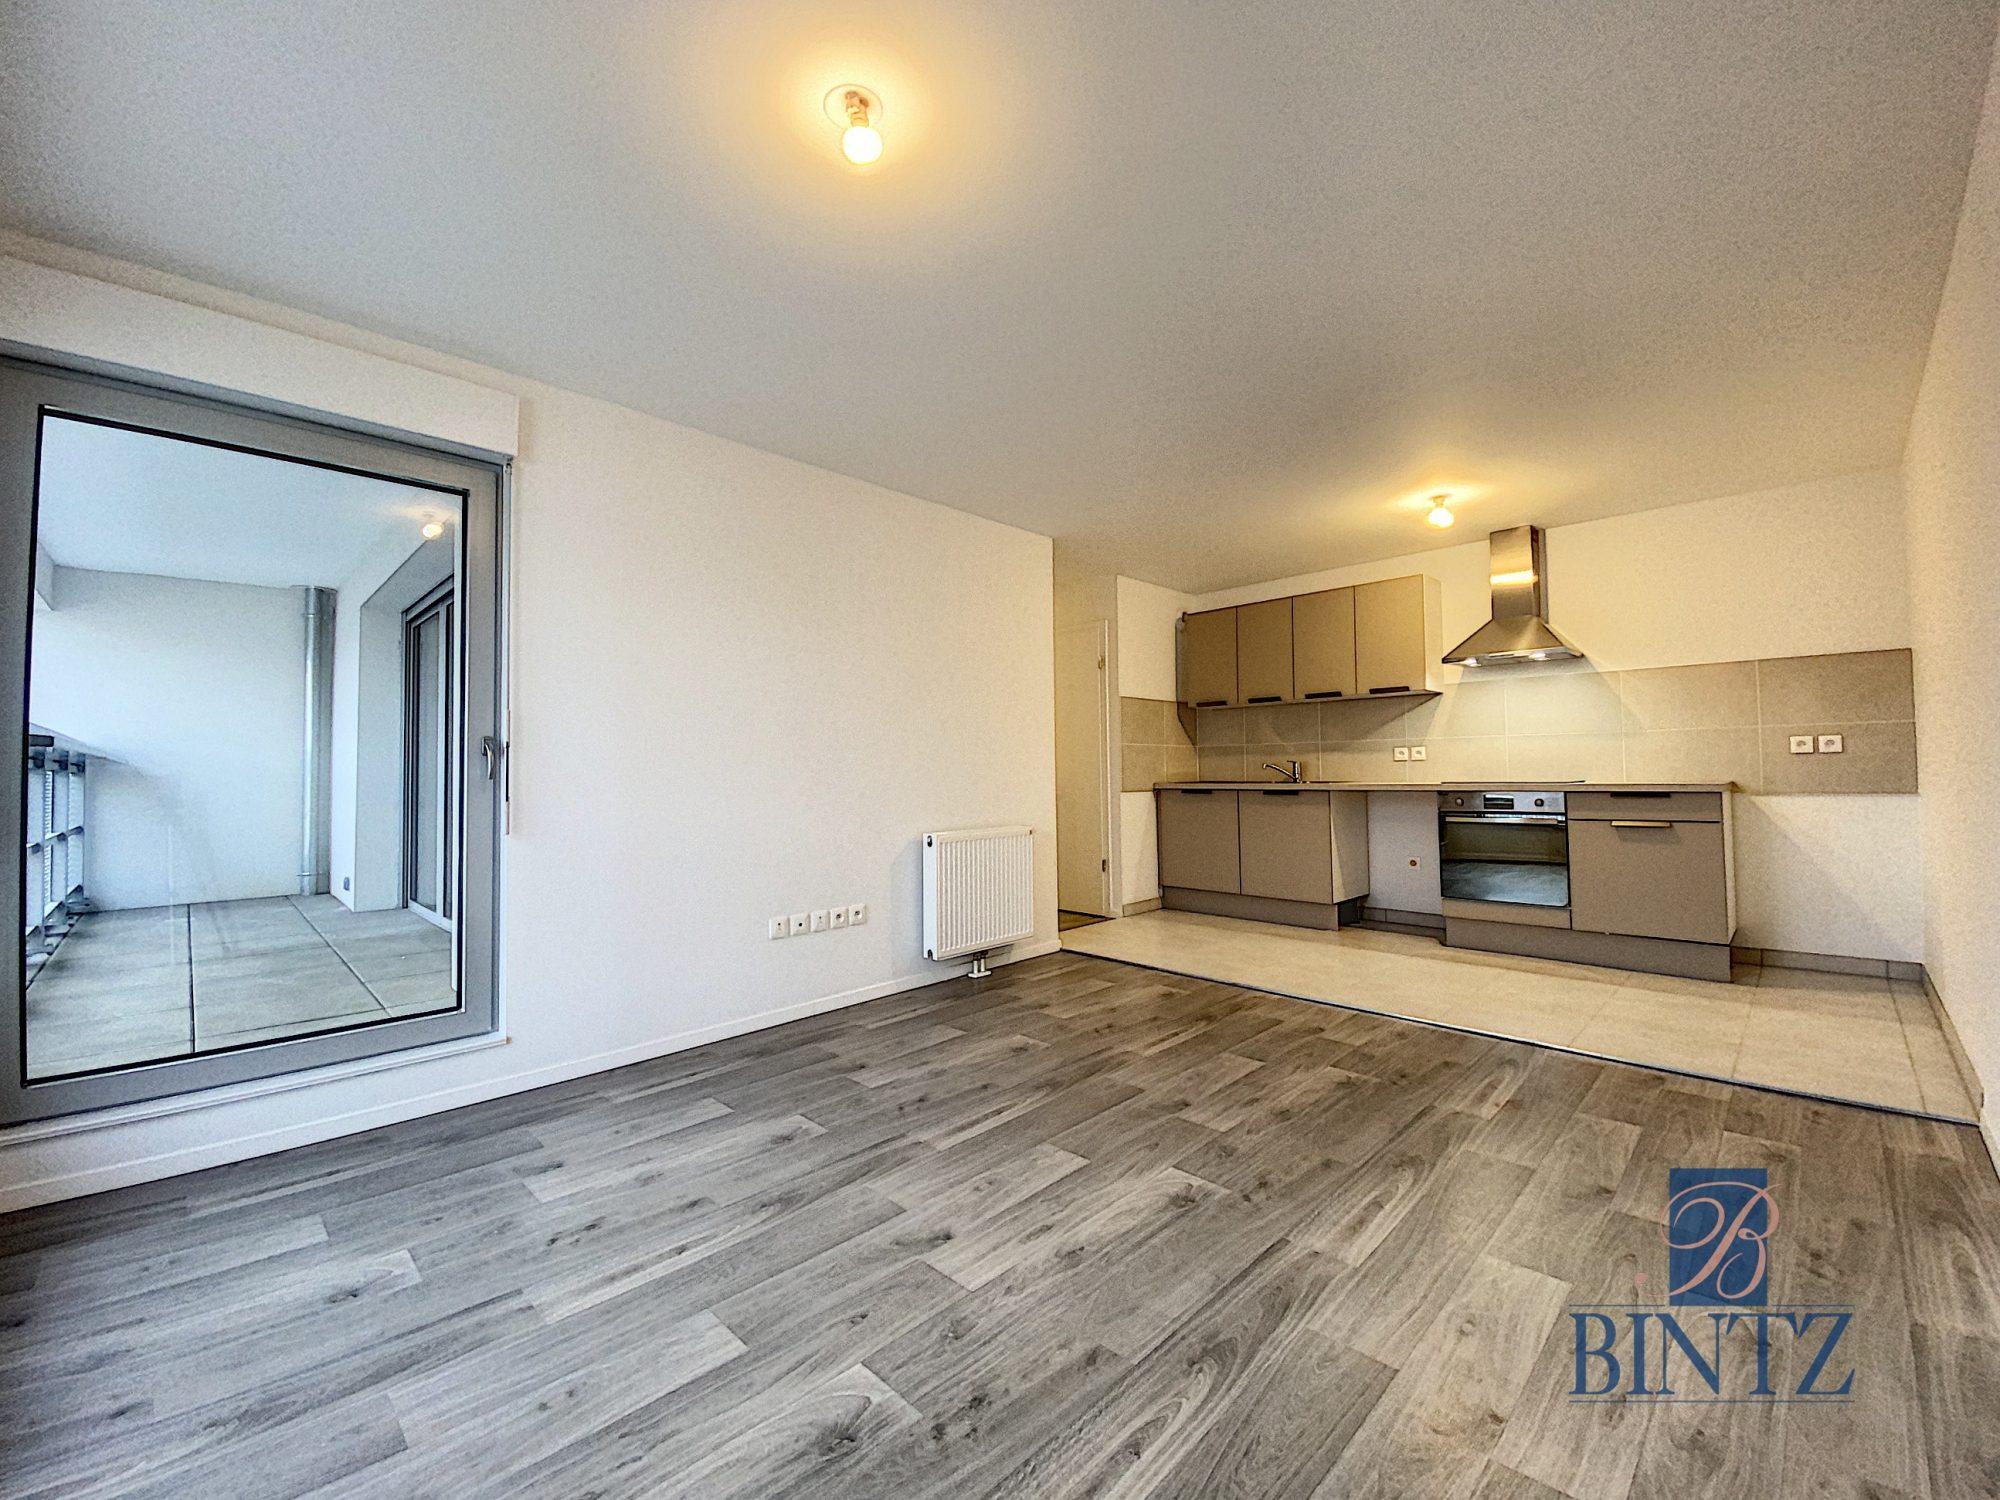 3 Pièces NEUF Quartier des brasseurs - Devenez locataire en toute sérénité - Bintz Immobilier - 2